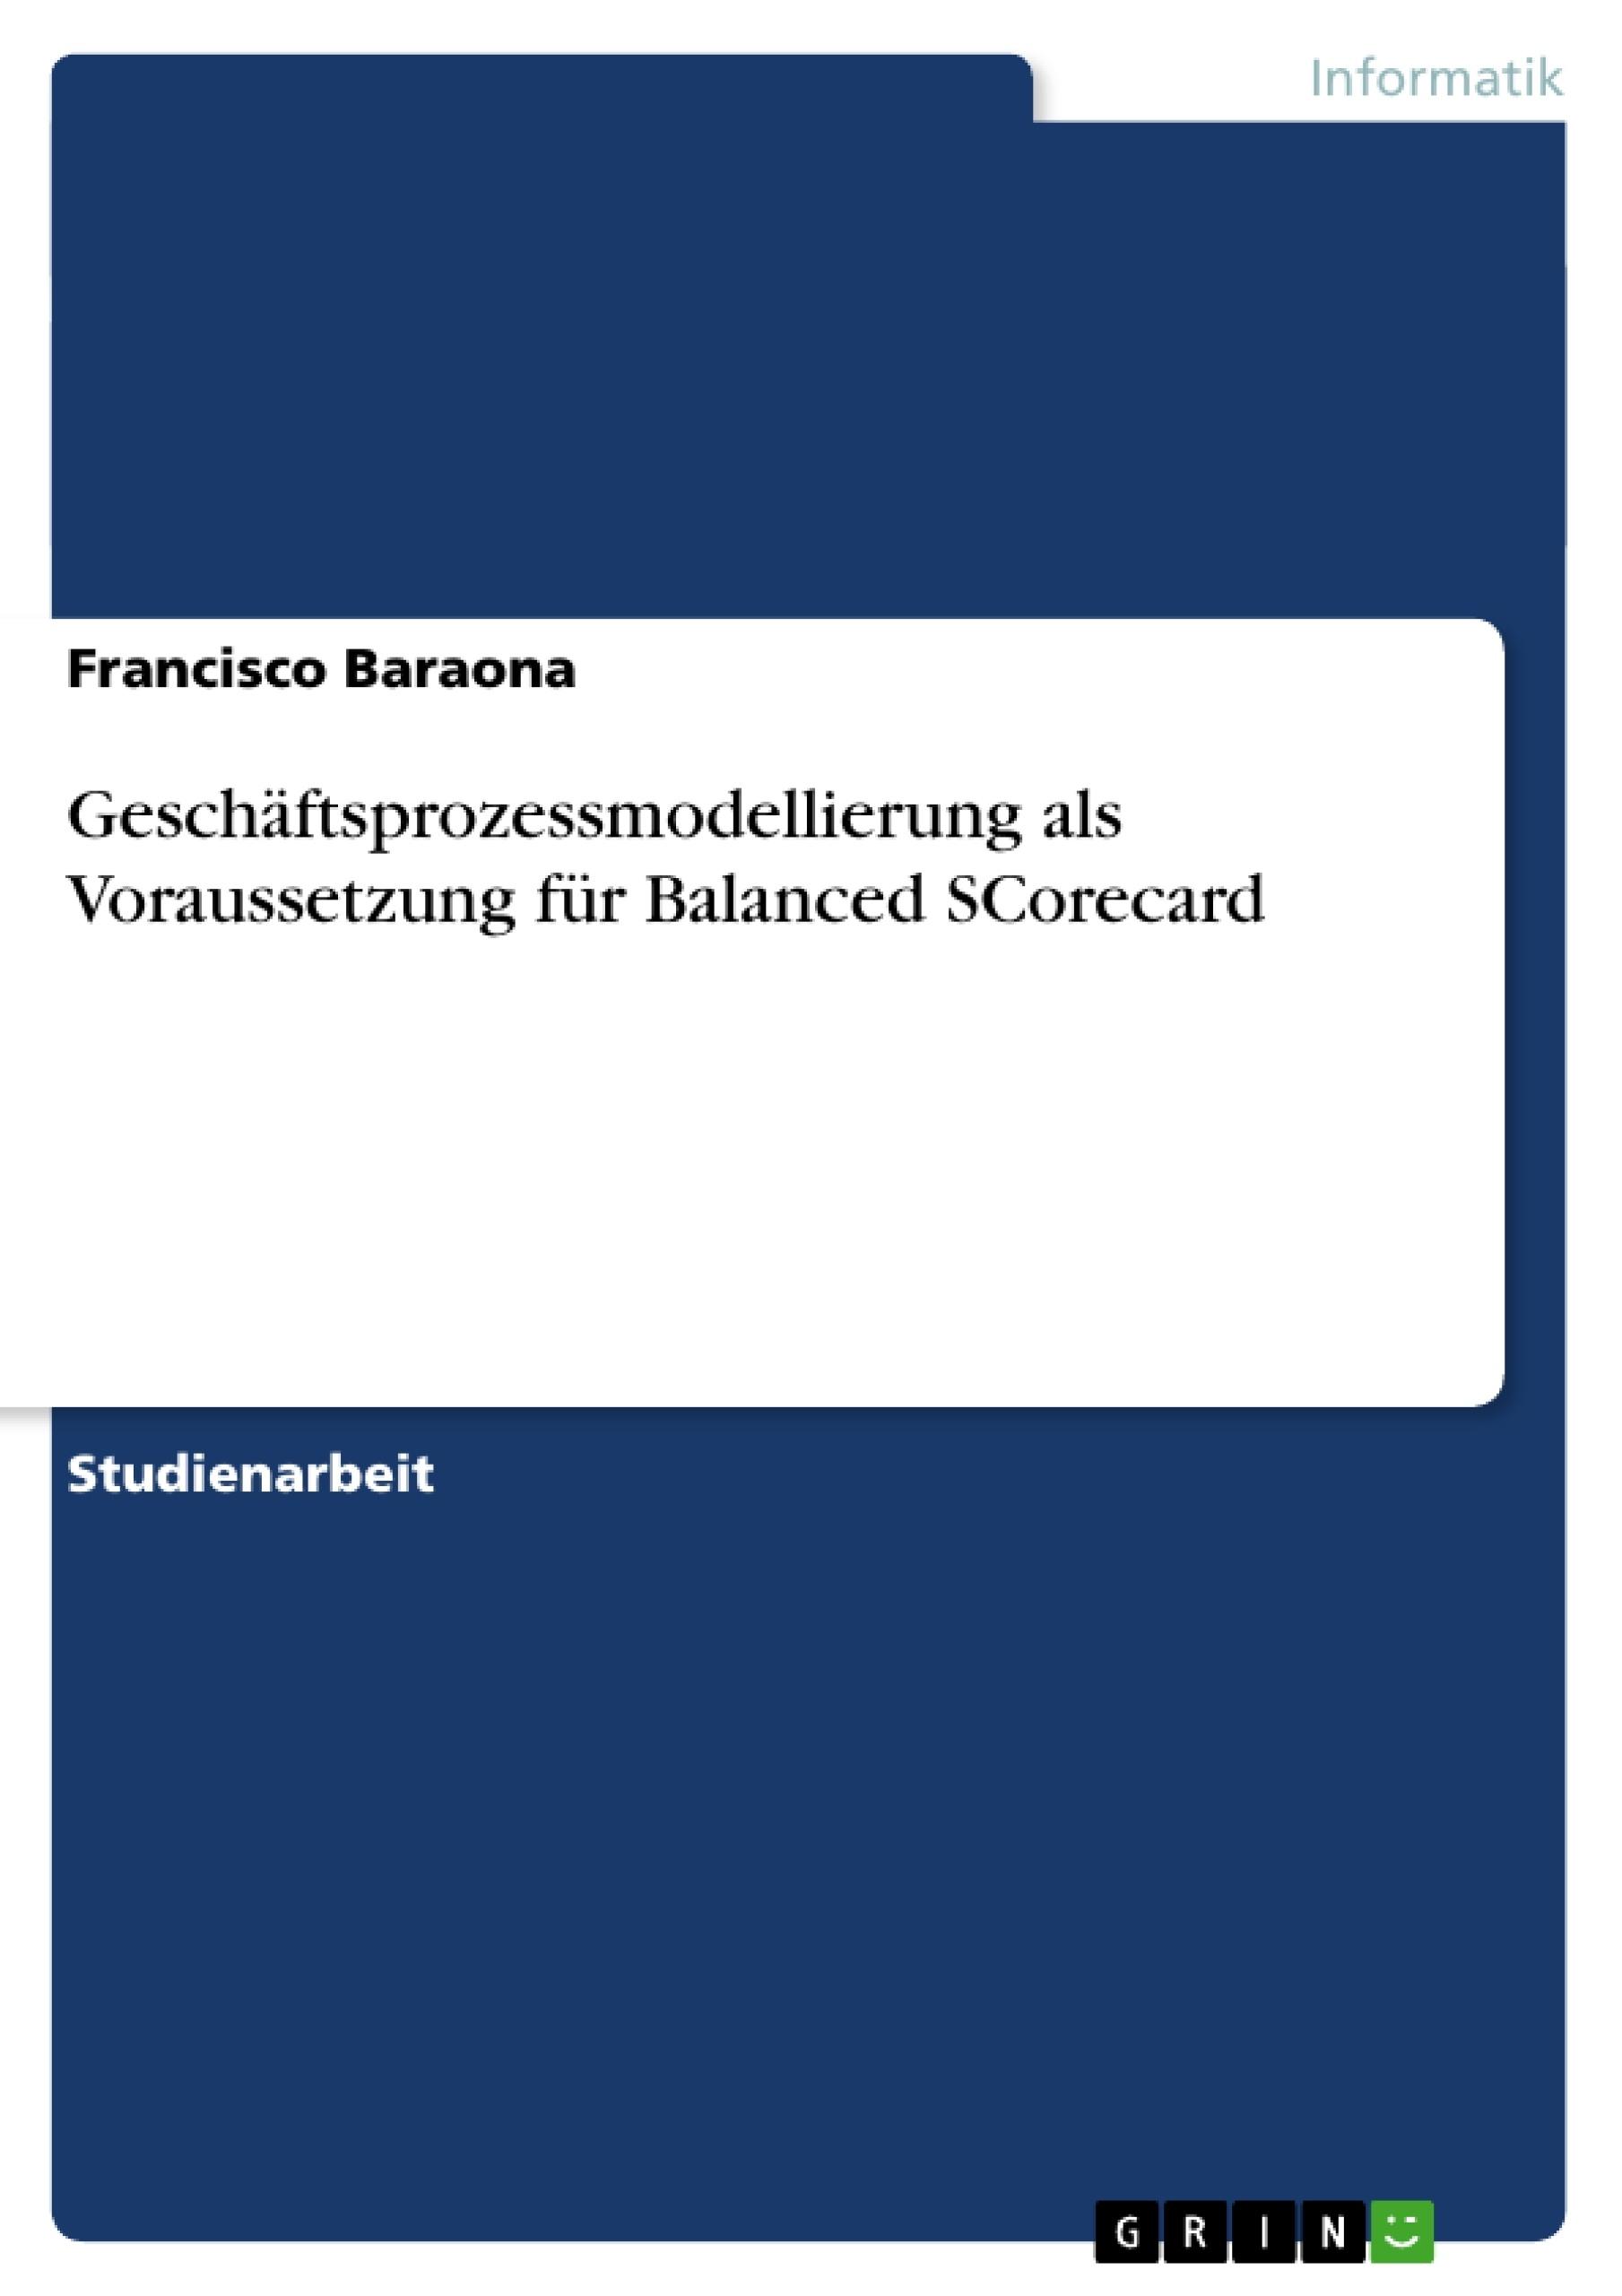 Titel: Geschäftsprozessmodellierung als Voraussetzung für Balanced SCorecard